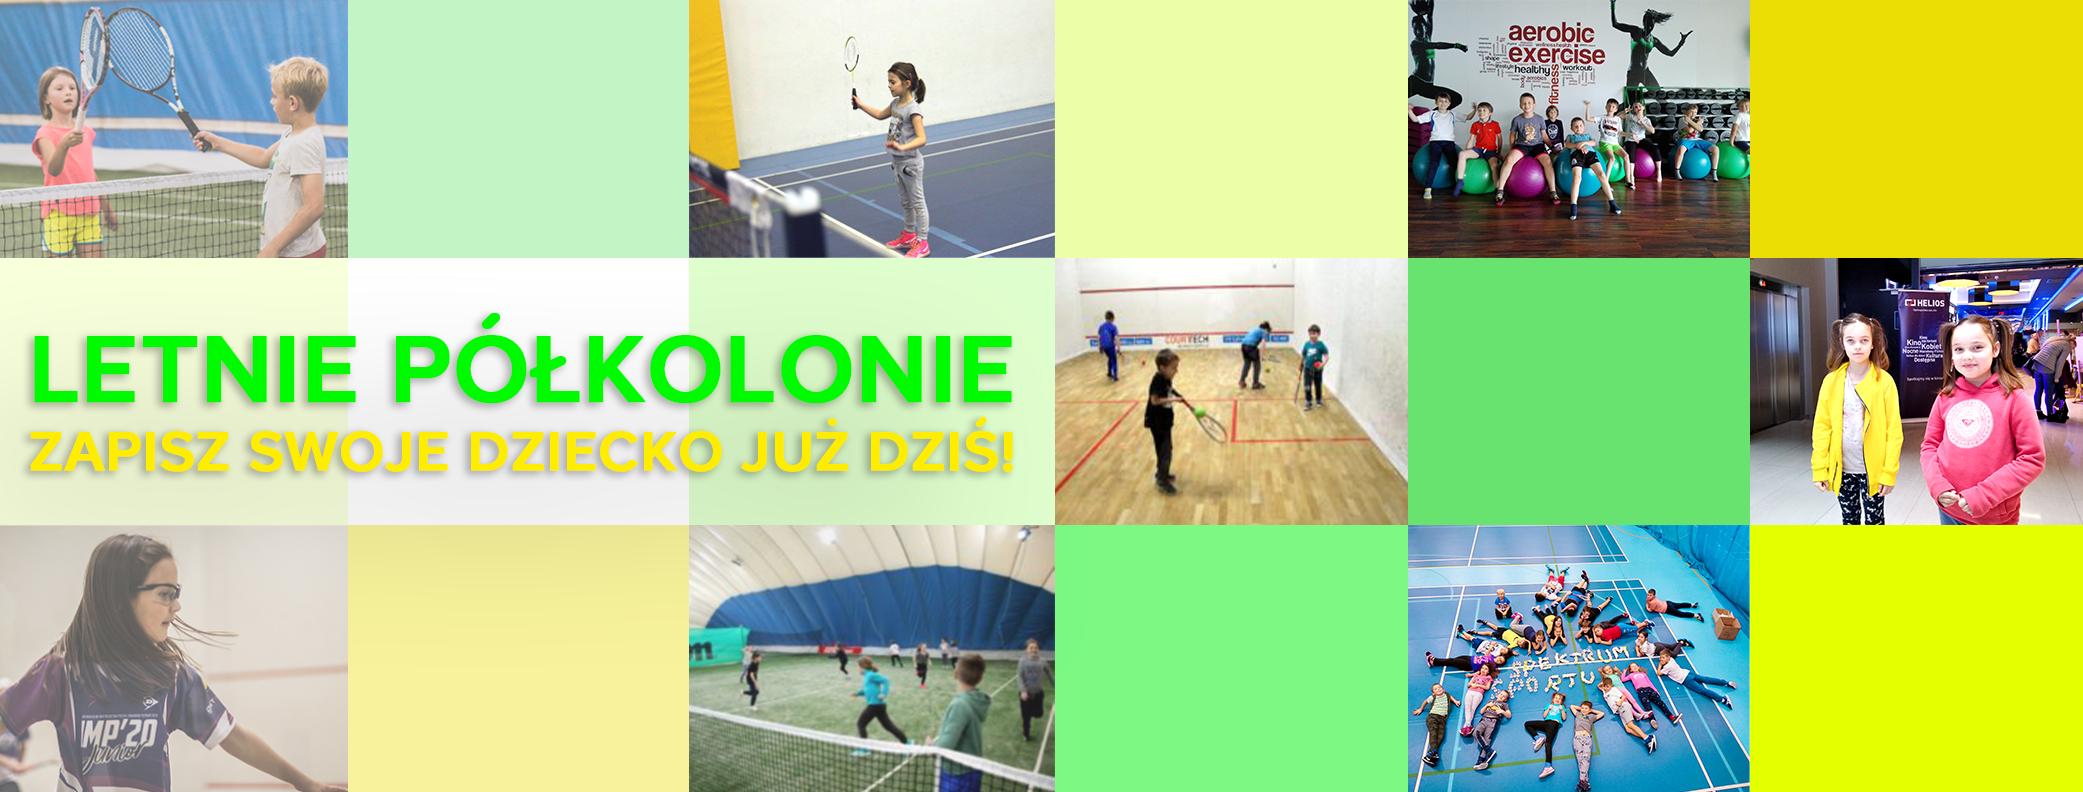 półkolonie-warszawa-legionowo-spektrum-sportu